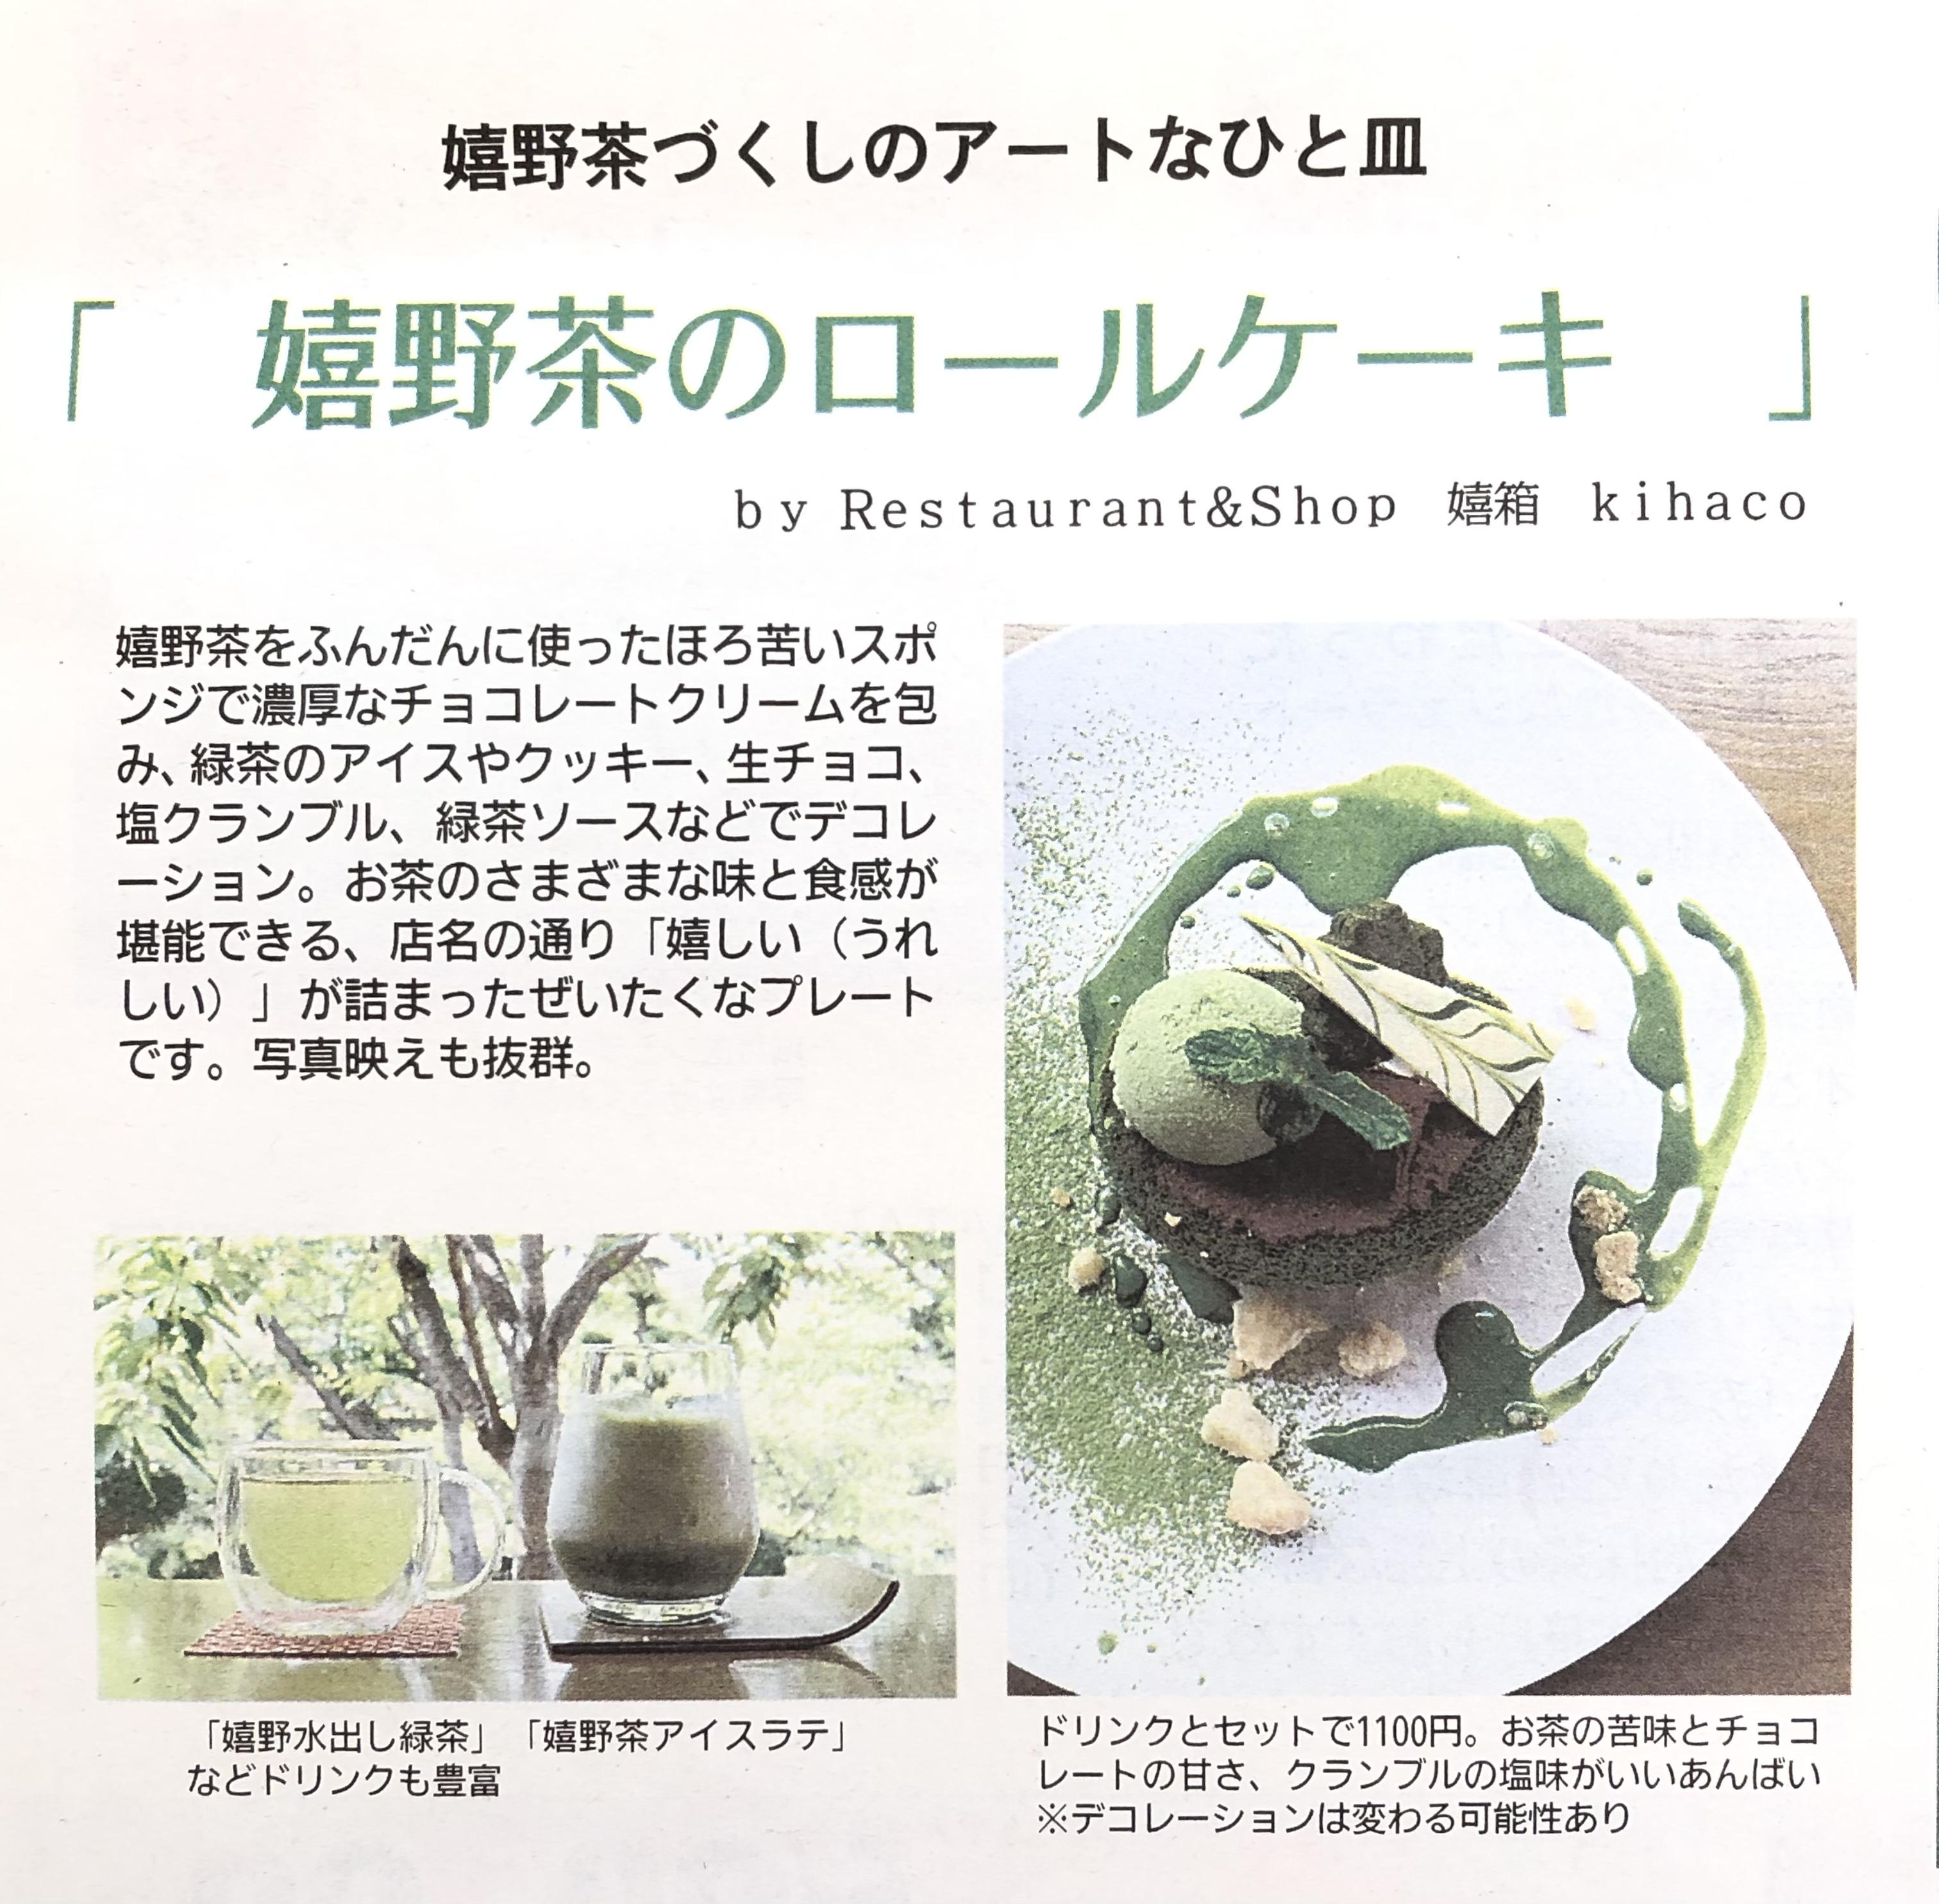 佐賀新聞の「Fit」でkihacoをご紹介して頂きました!!